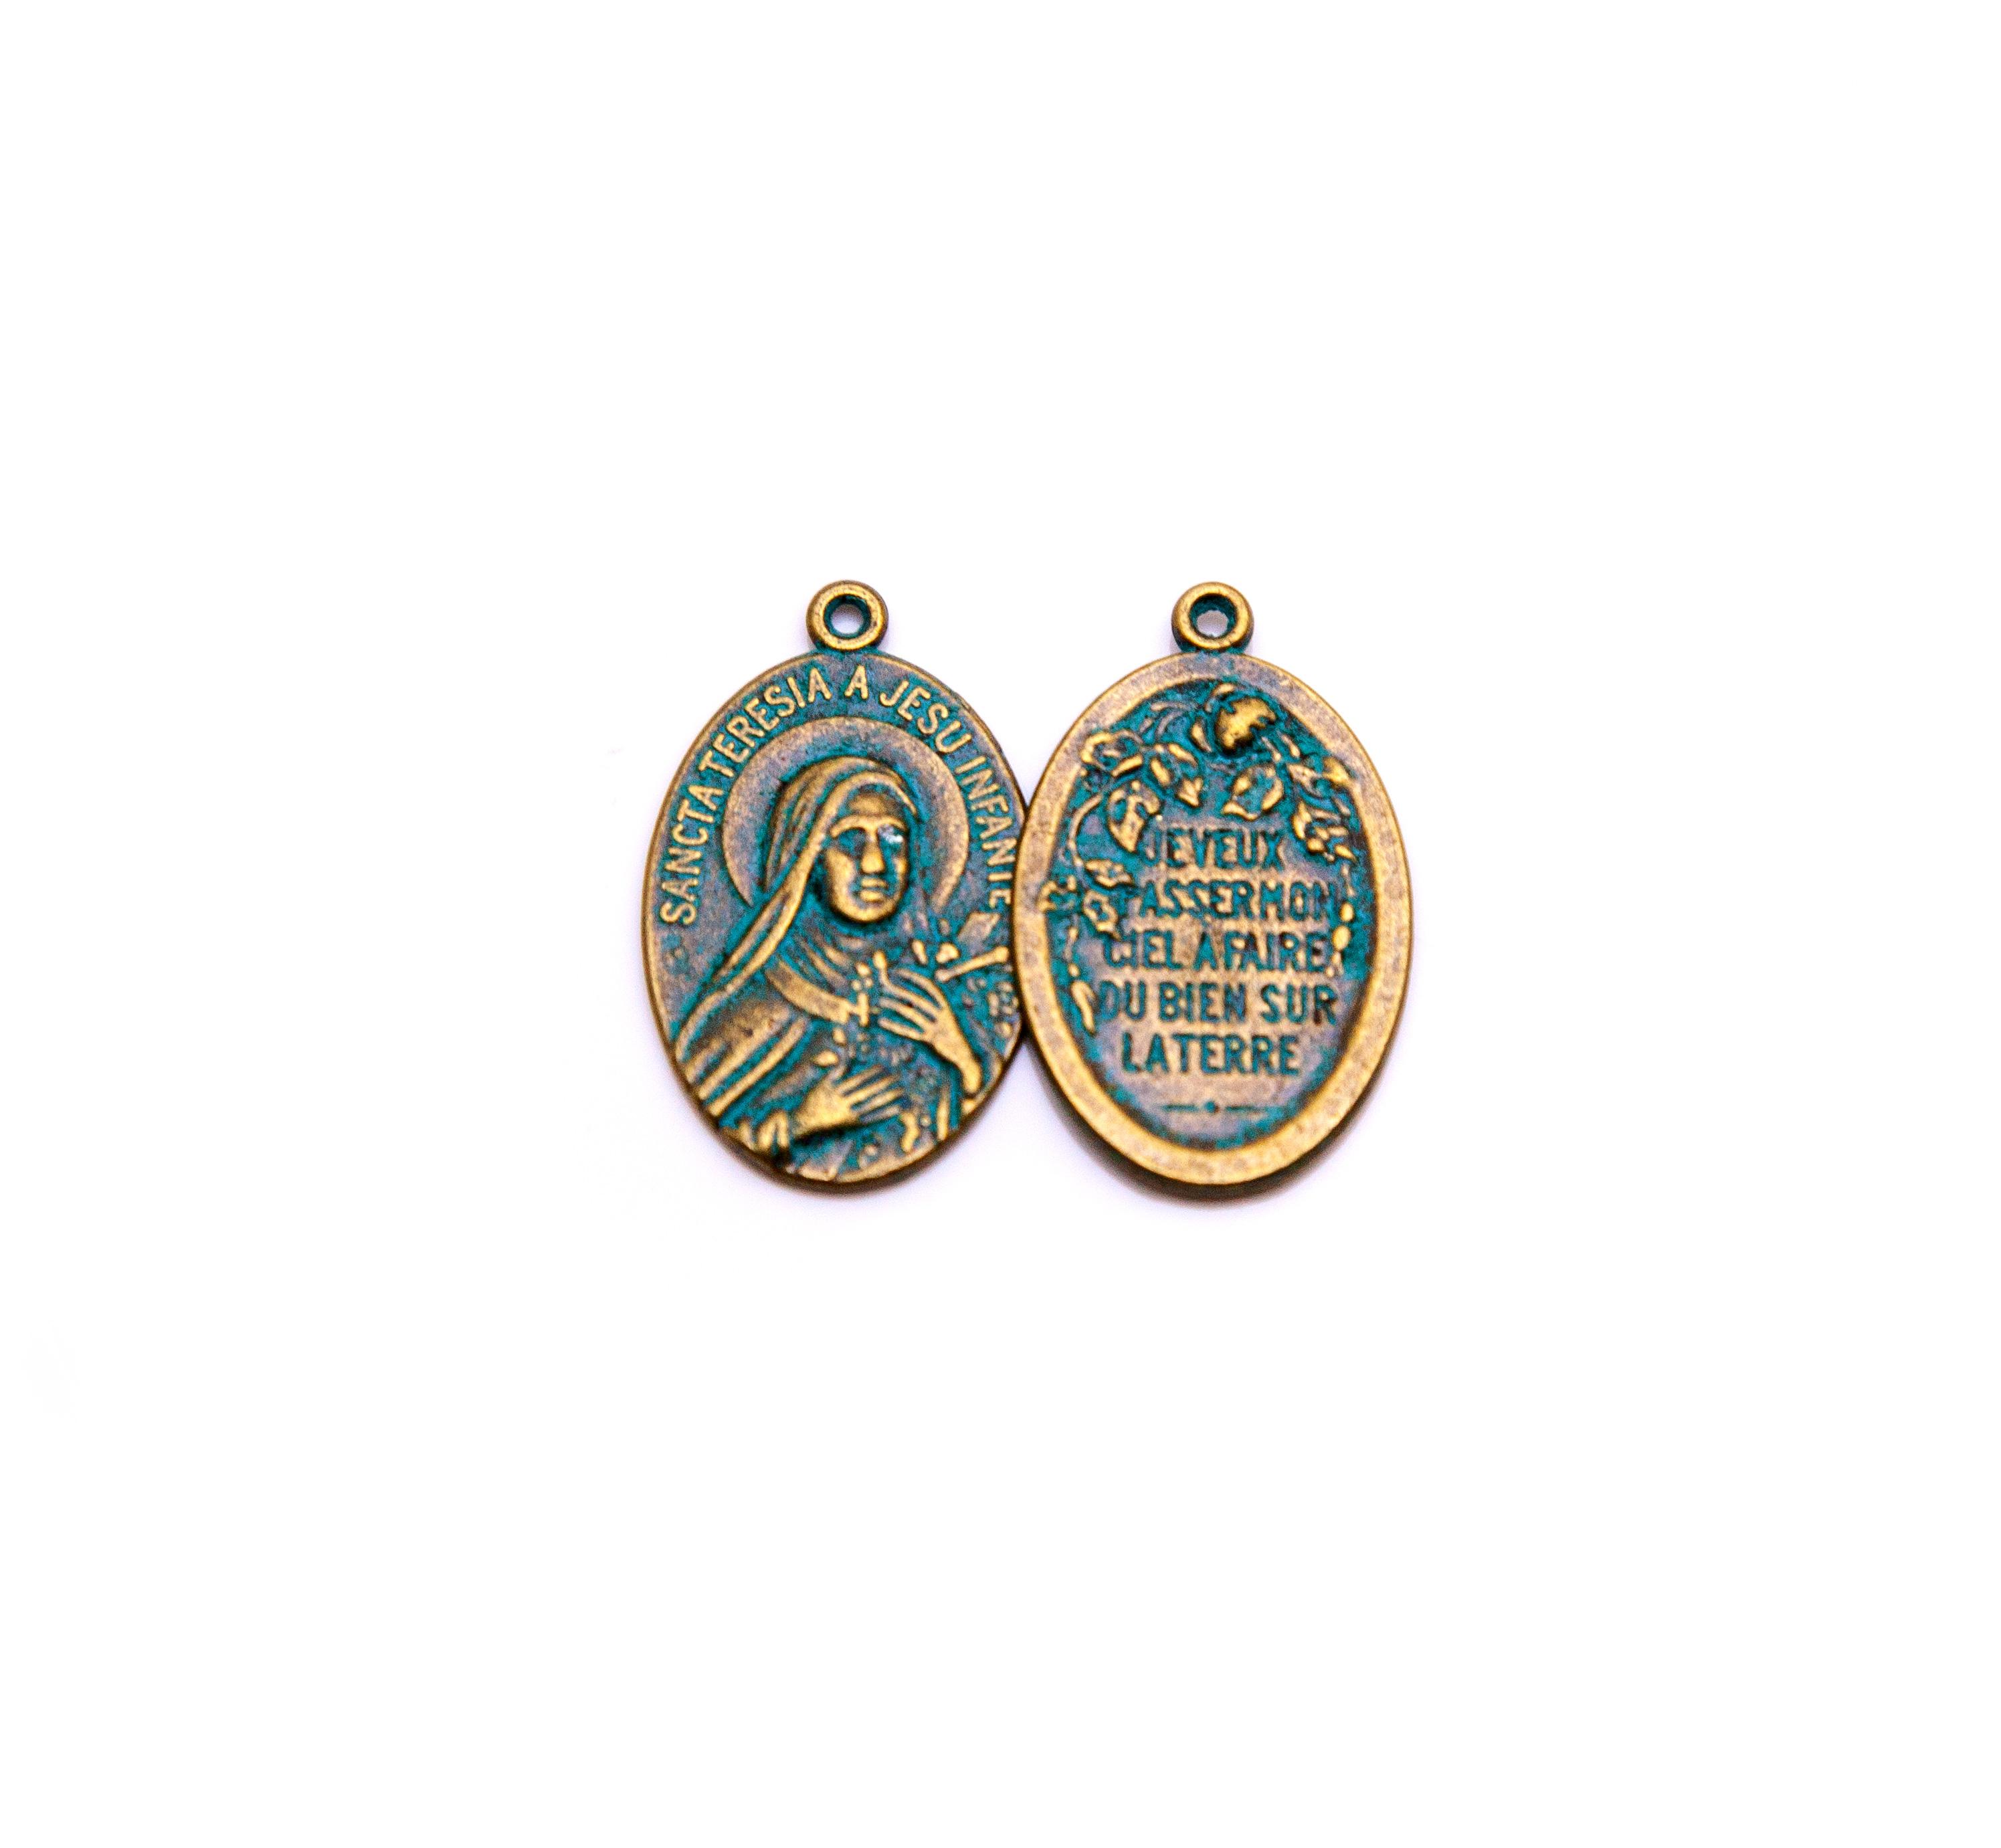 Vintage St. Teresa Medal